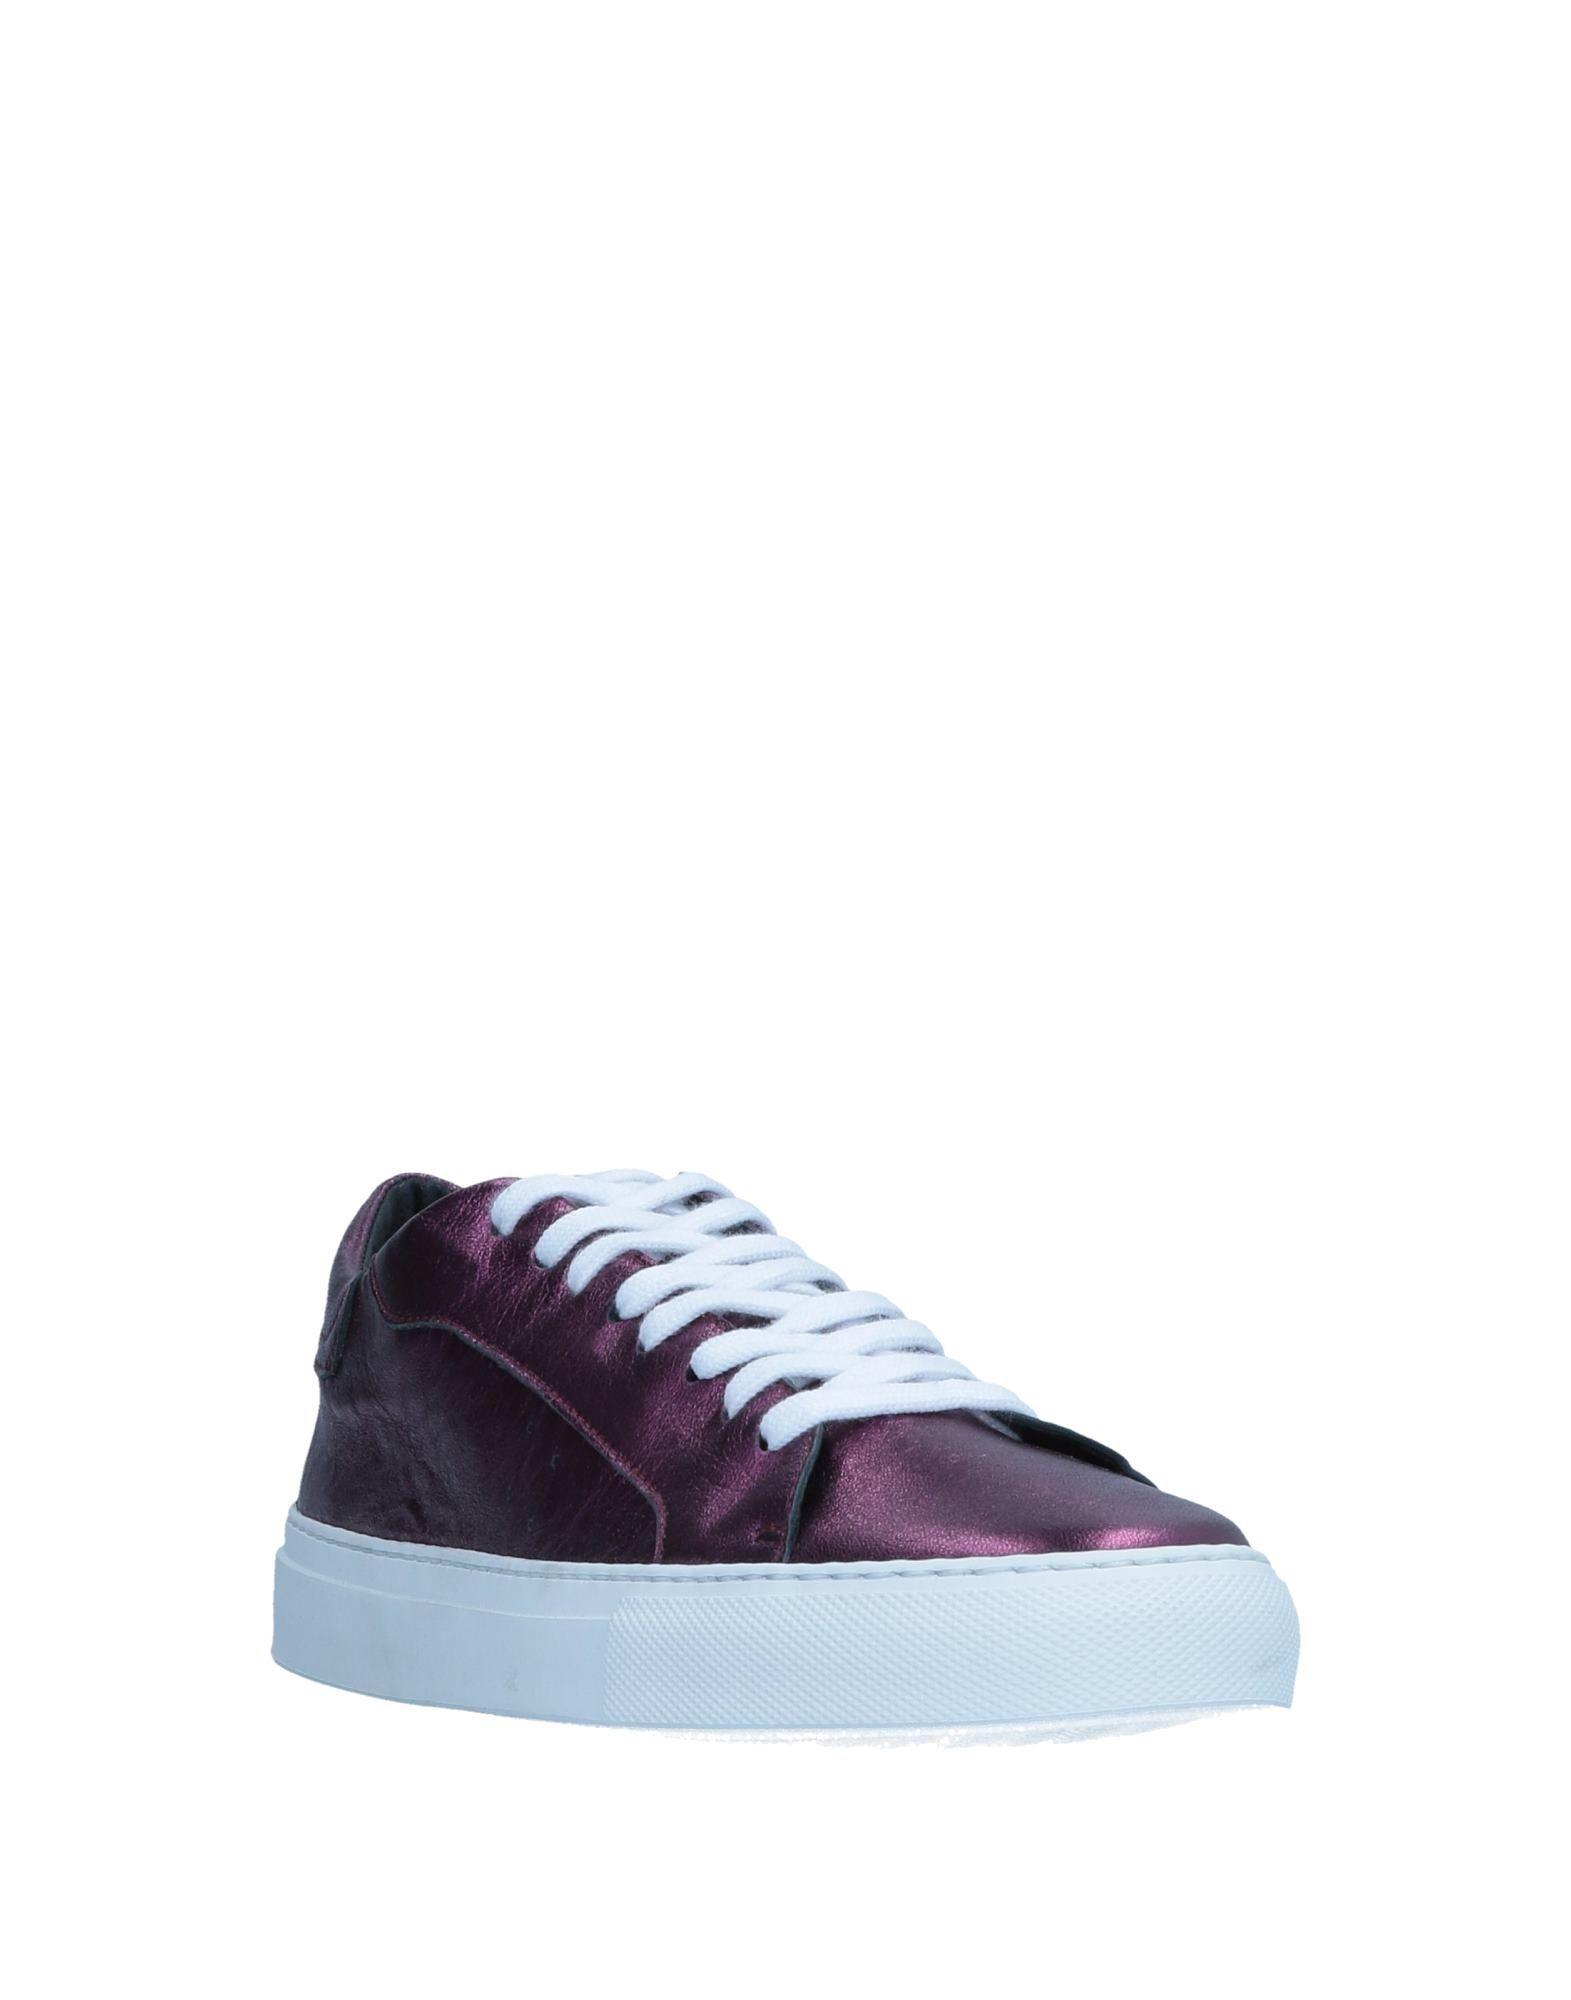 Gut um Pepe billige Schuhe zu tragenPatrizia Pepe um Sneakers Damen  11557979NM 68b5e0